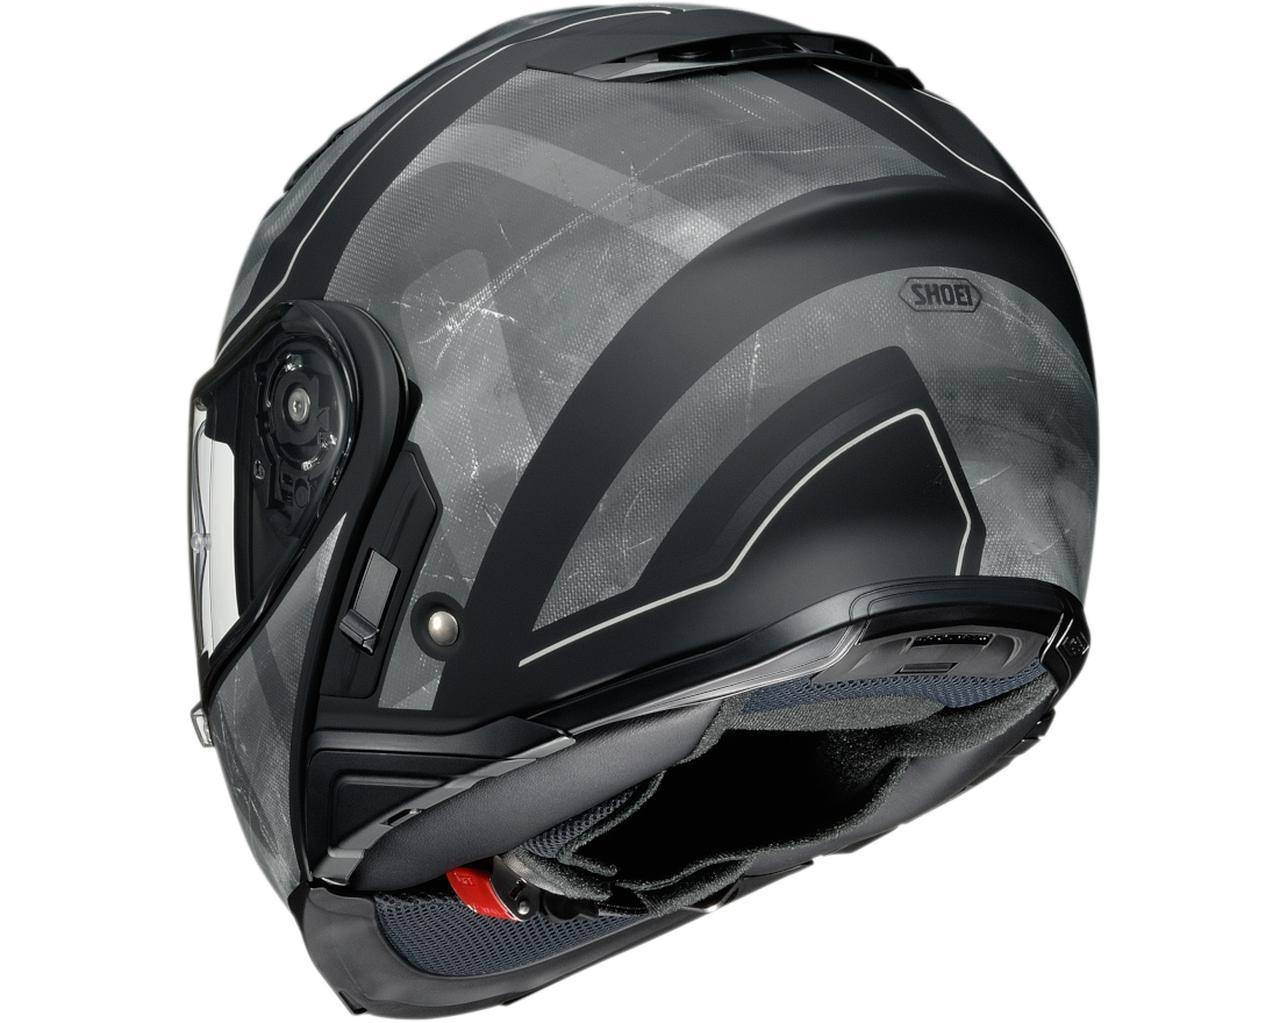 画像2: SHOEIのシステムヘルメット「ネオテックII」に新たなグラフィックモデル「ジョーント」が登場! カラーは3色